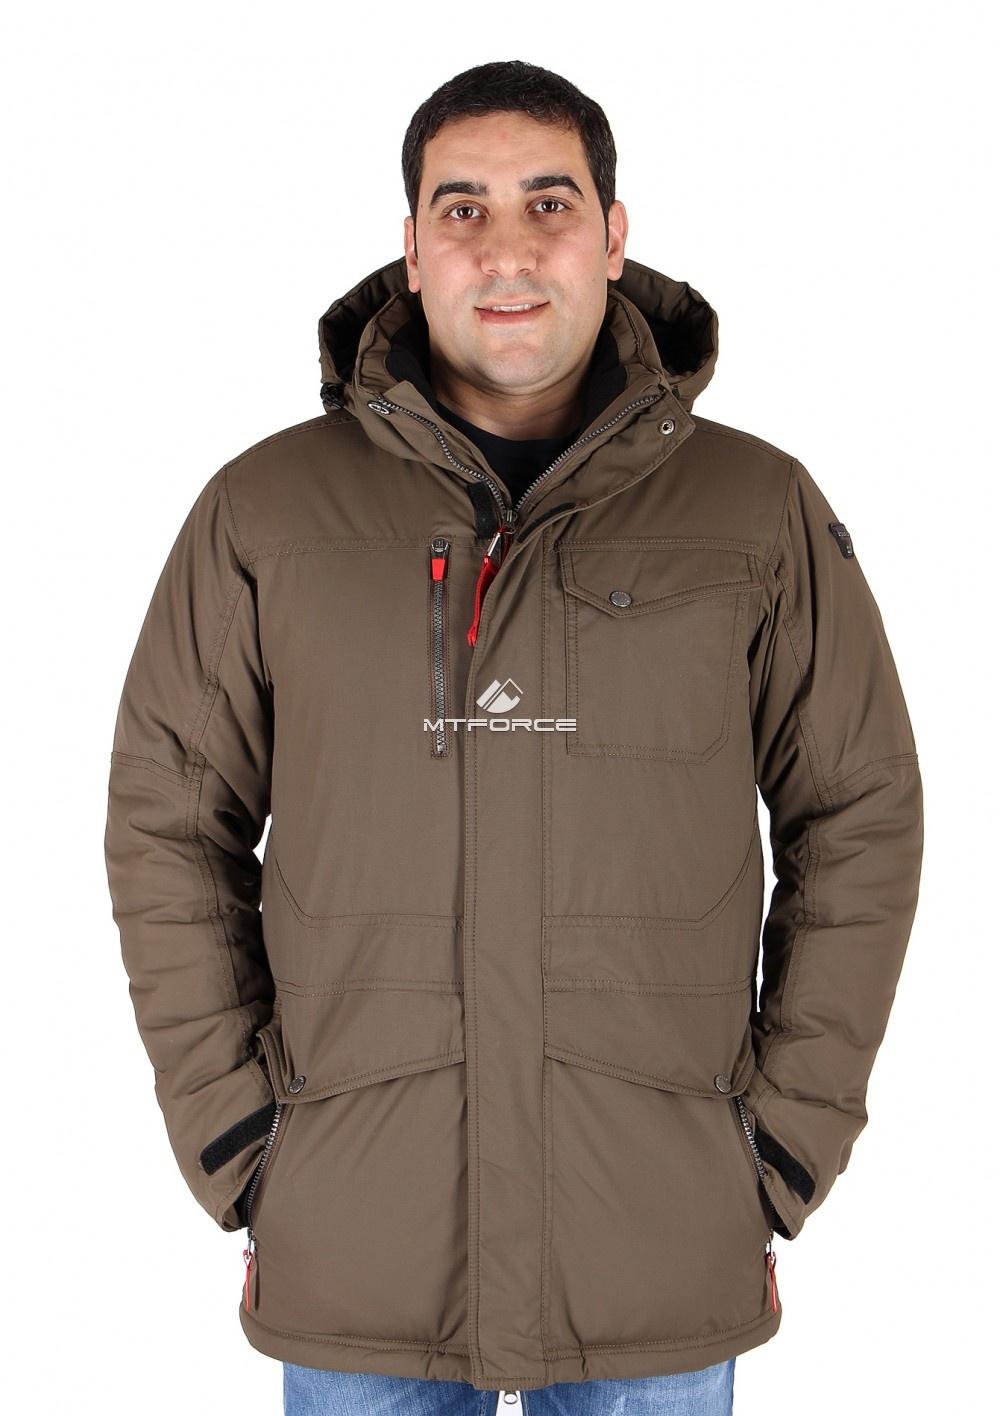 Купить                                  оптом Куртка классическая зимняя мужская цвета хаки 15039Kh в Санкт-Петербурге